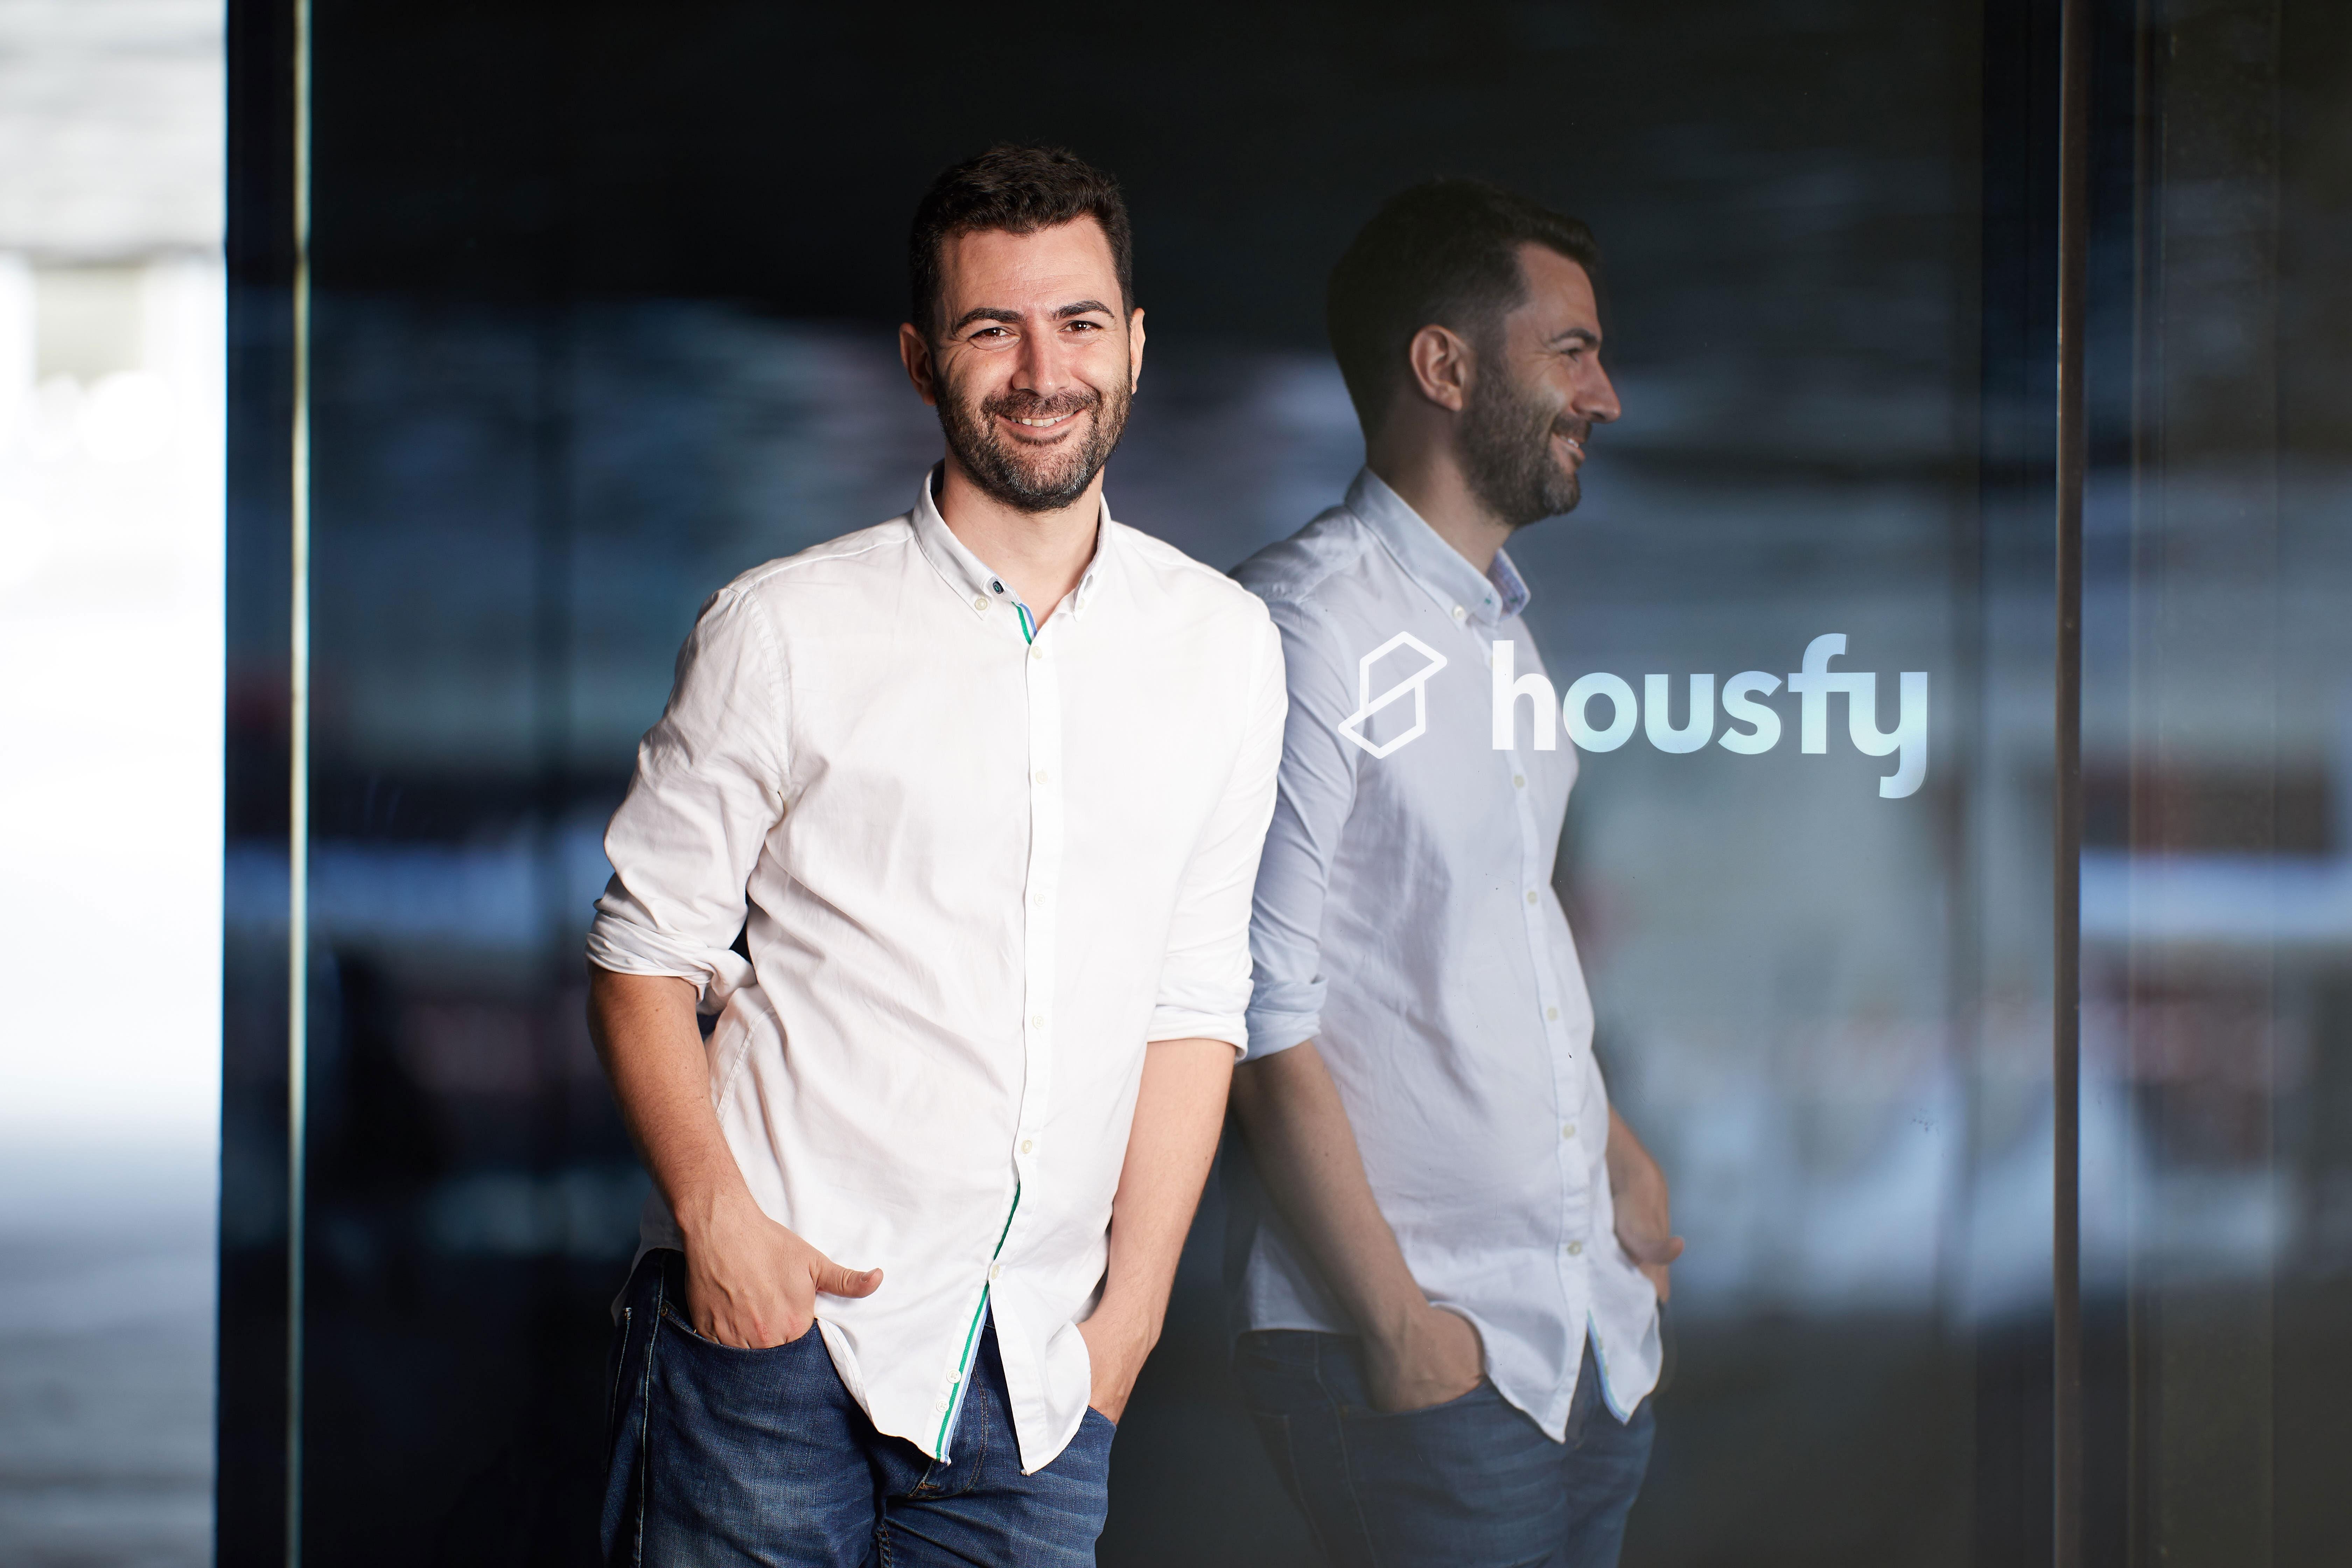 Housfy incrementó un 45% su facturación e ingresó 6,2 millones en 2020